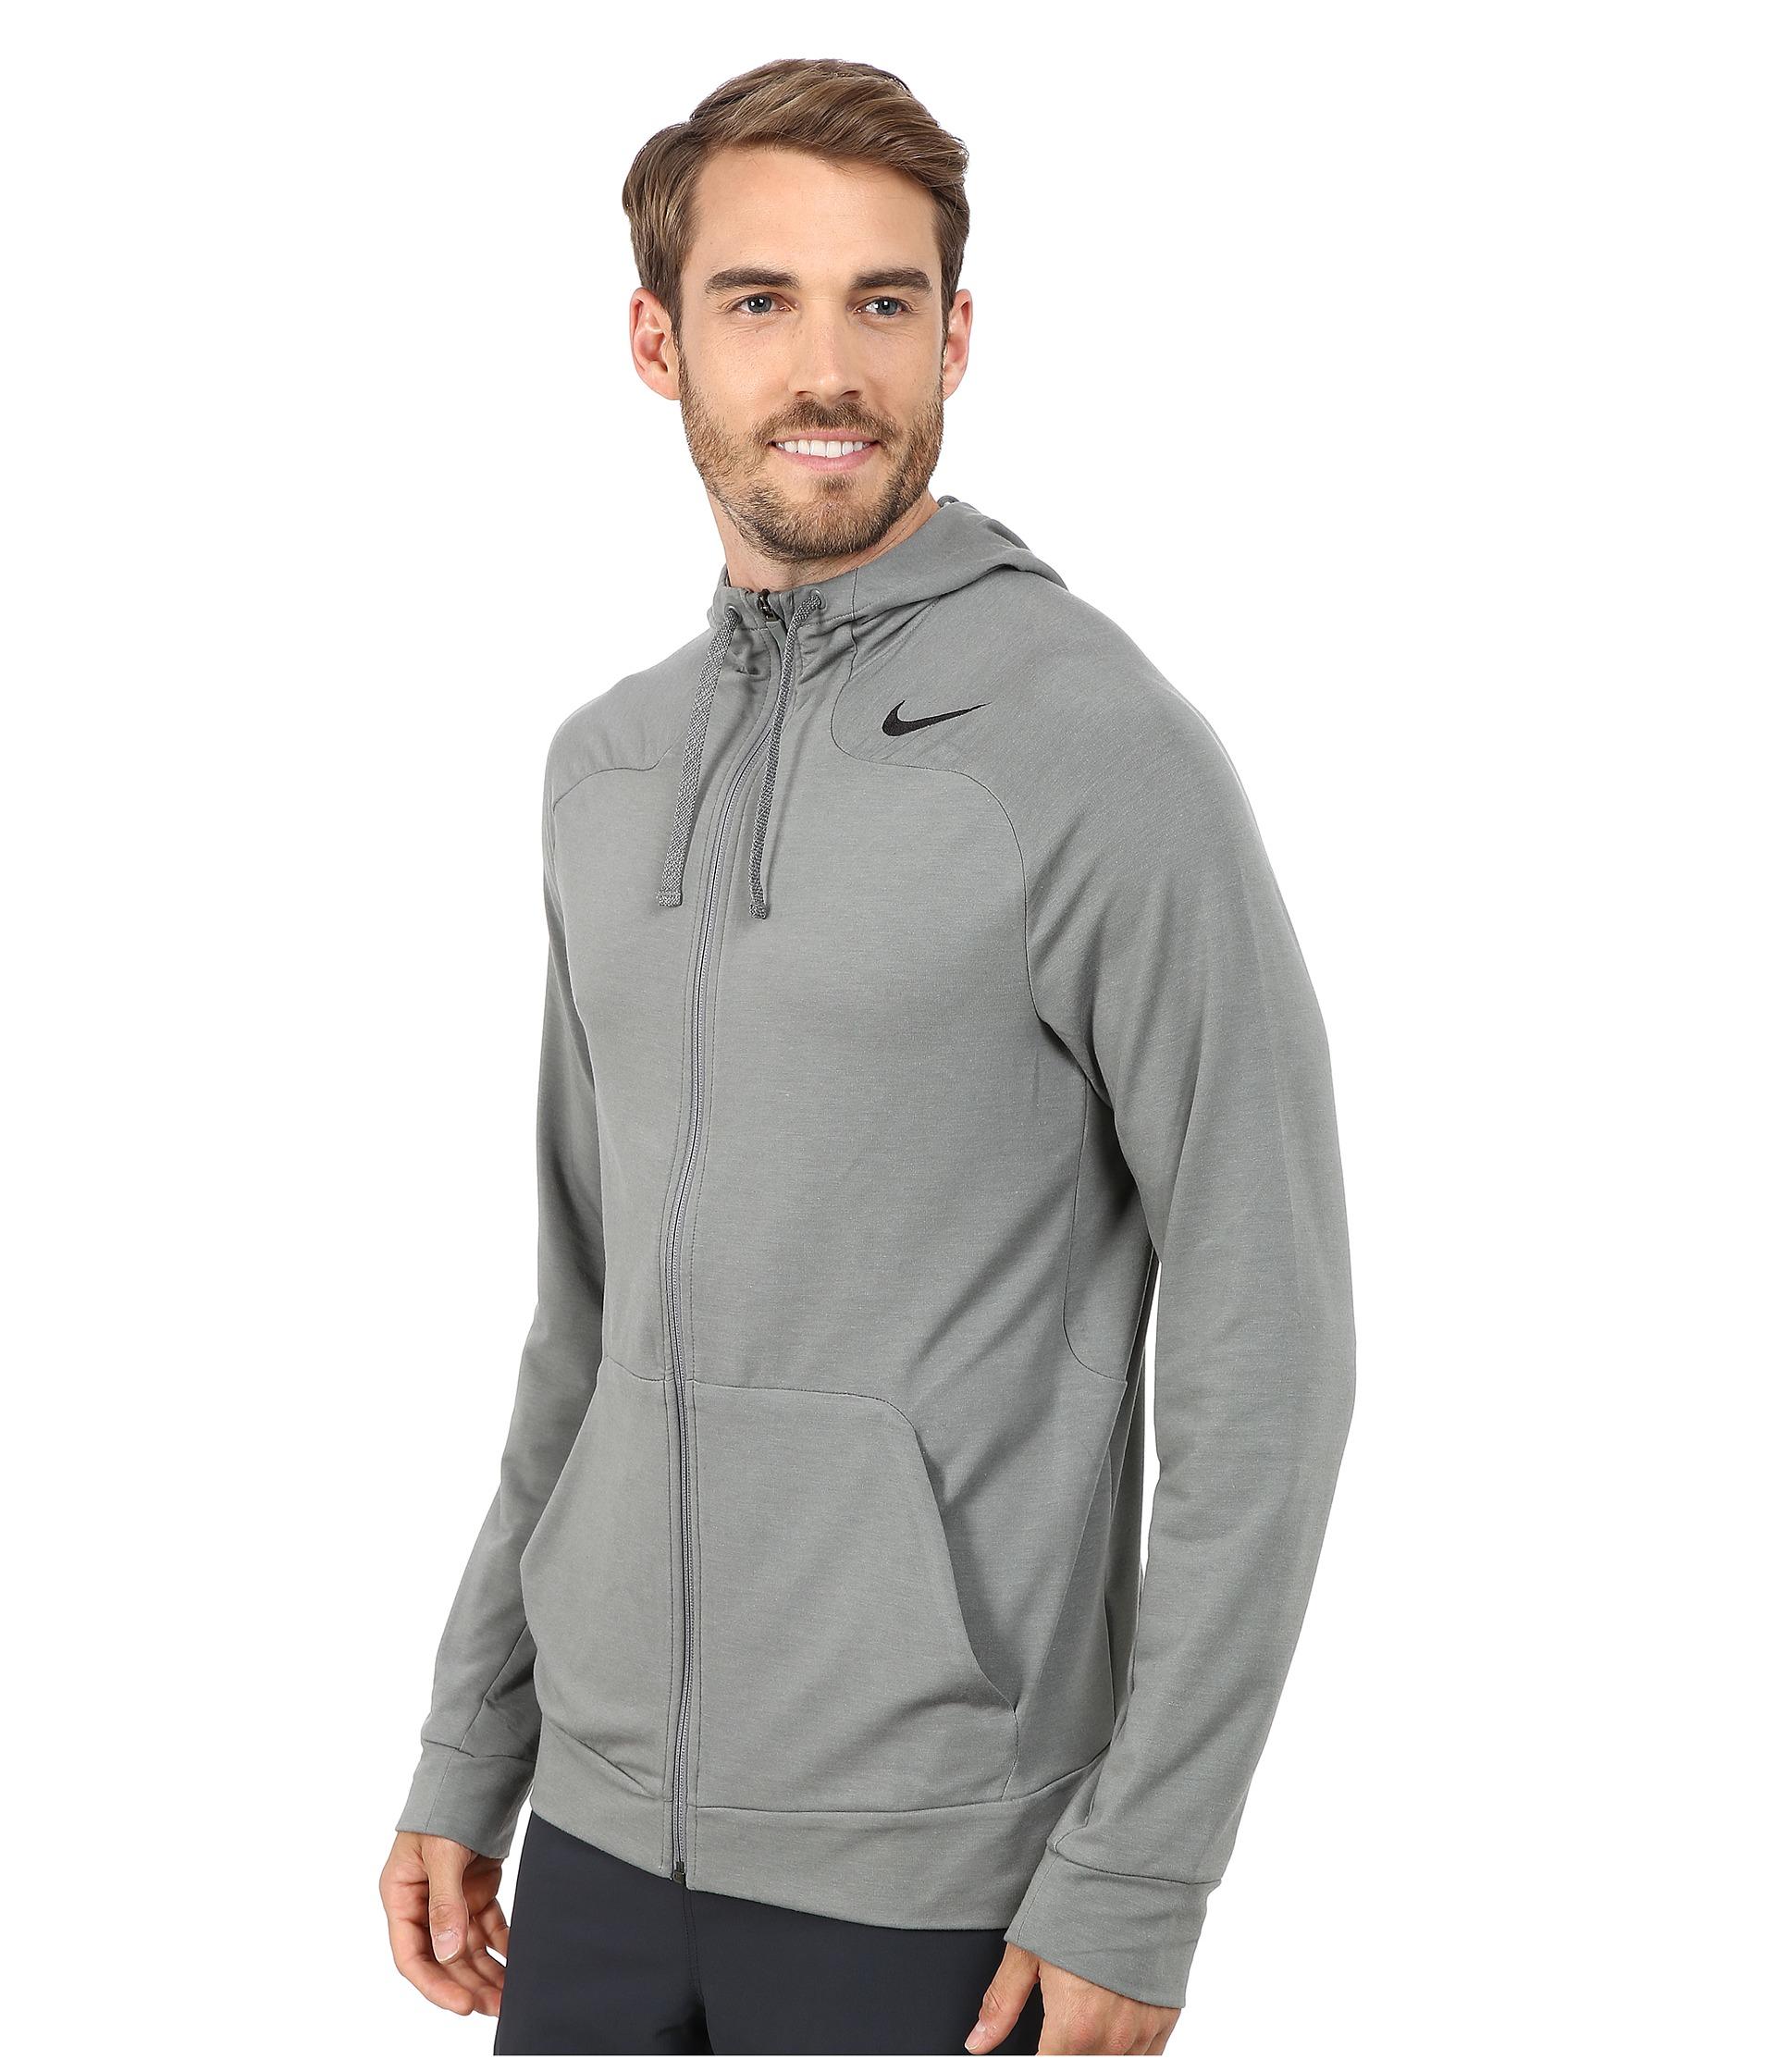 Lyst - Nike Dri-fit™ Touch Fleece Full-zip Hoodie in Gray for Men 3168372b3